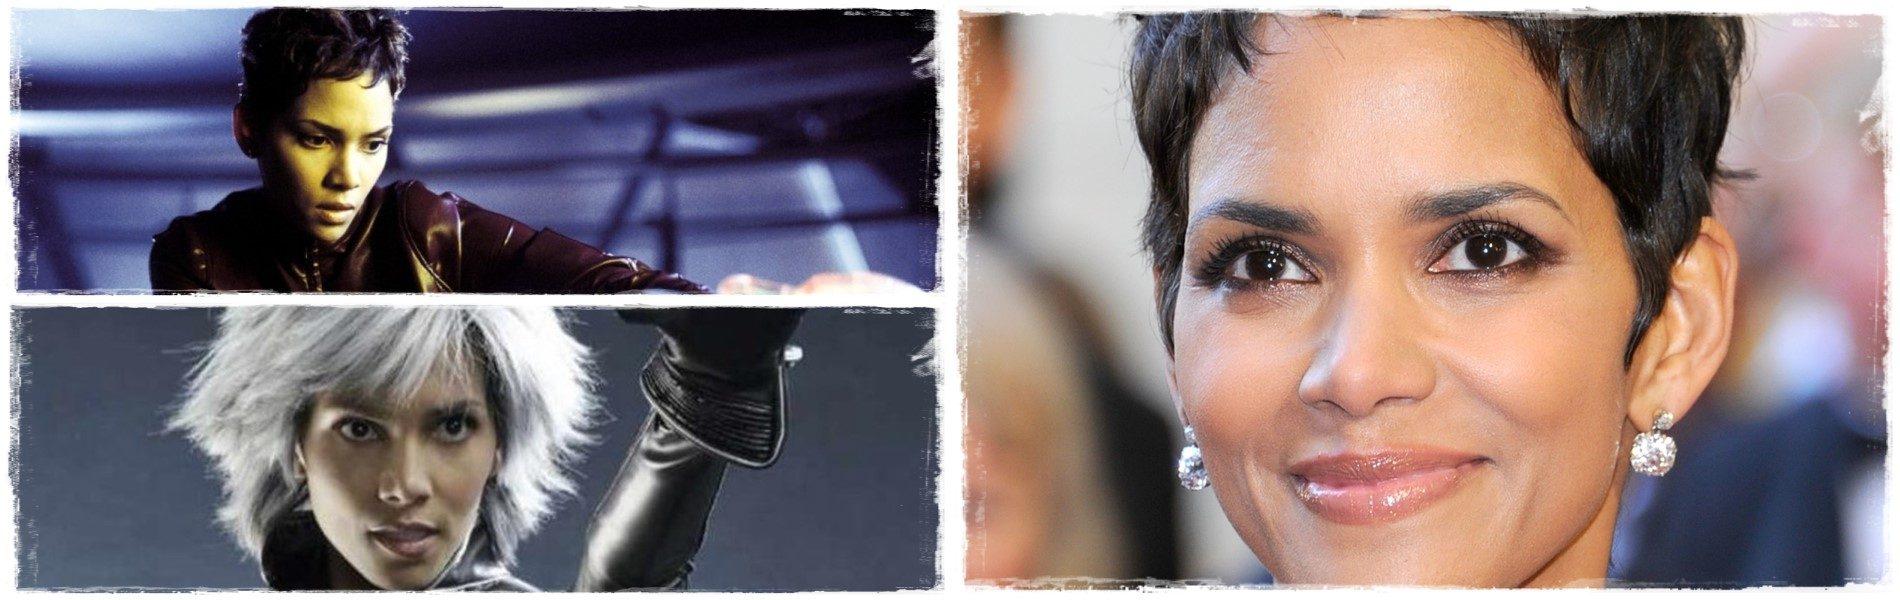 Halle Berry legjobb filmjei